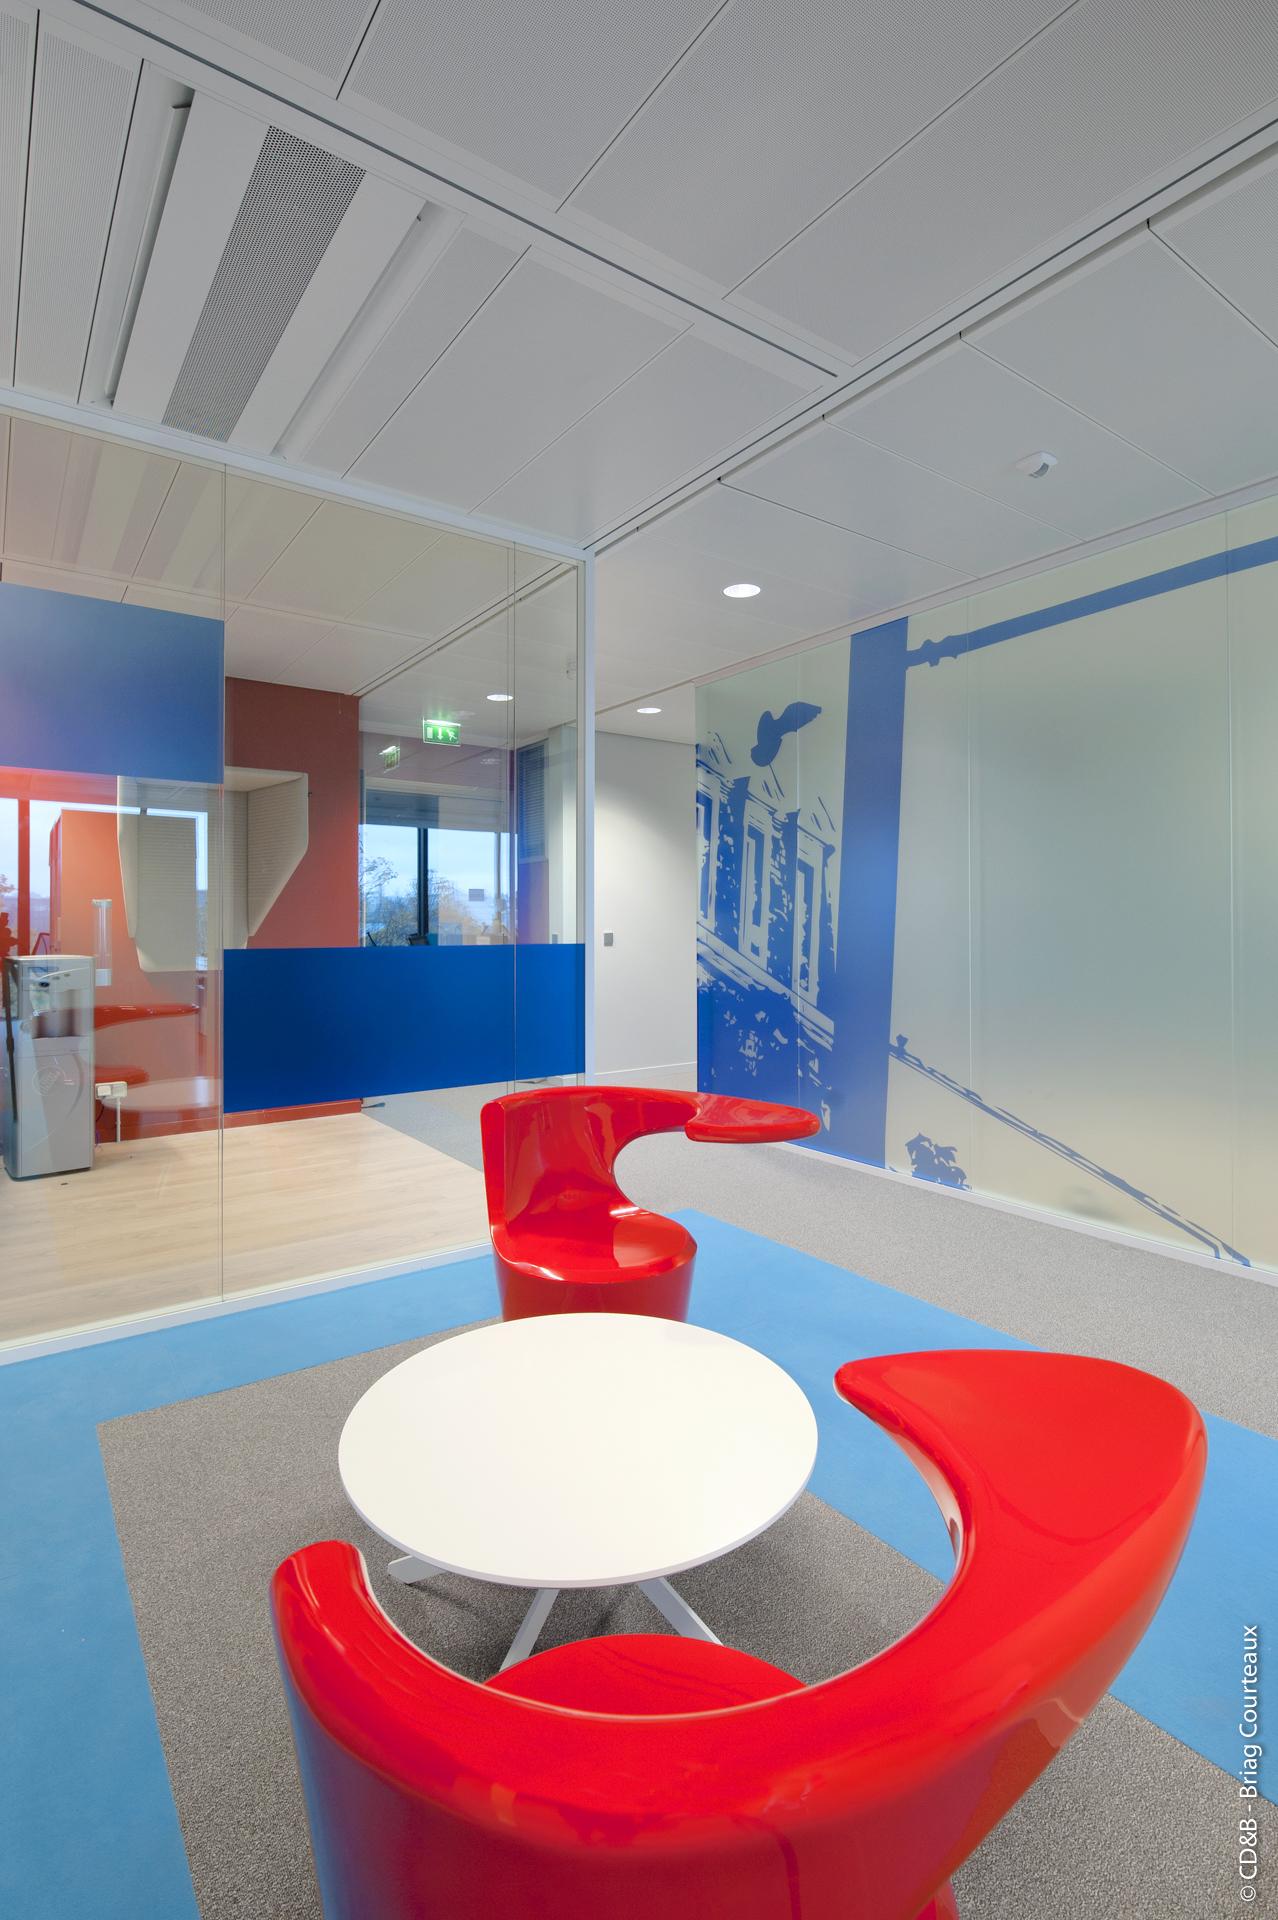 Conseil, aménagement, conception et réalisation des espaces de travail de la société Systra par CDB, Meet you there.